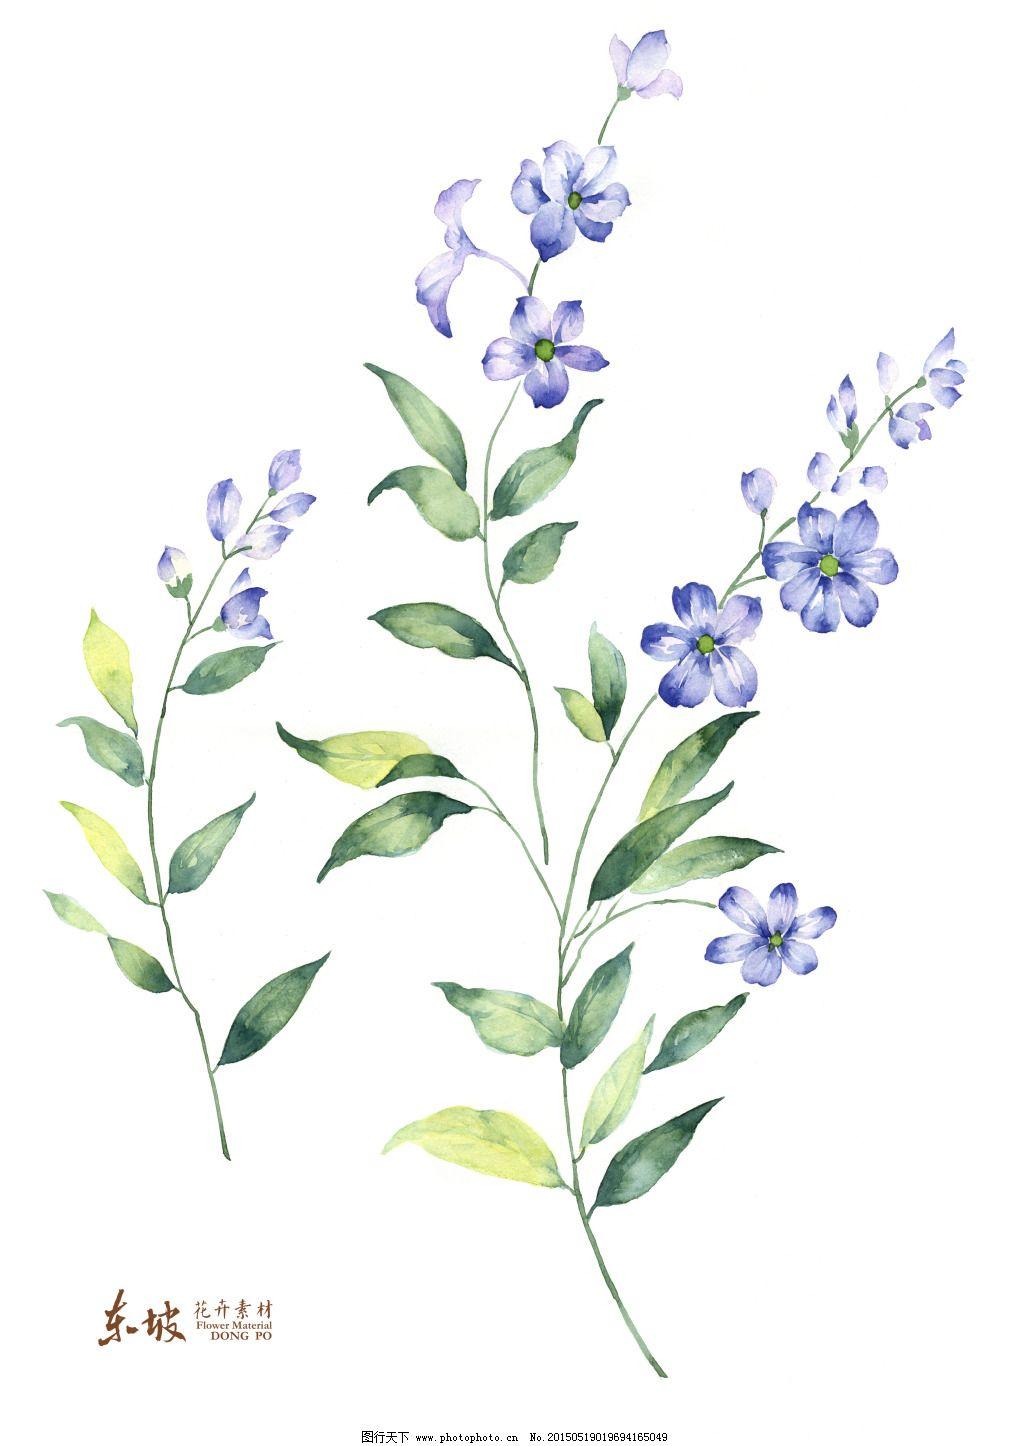 小兰花手绘免费下载 手绘花卉 优雅素材 手绘花卉 花卉高清素材 串串